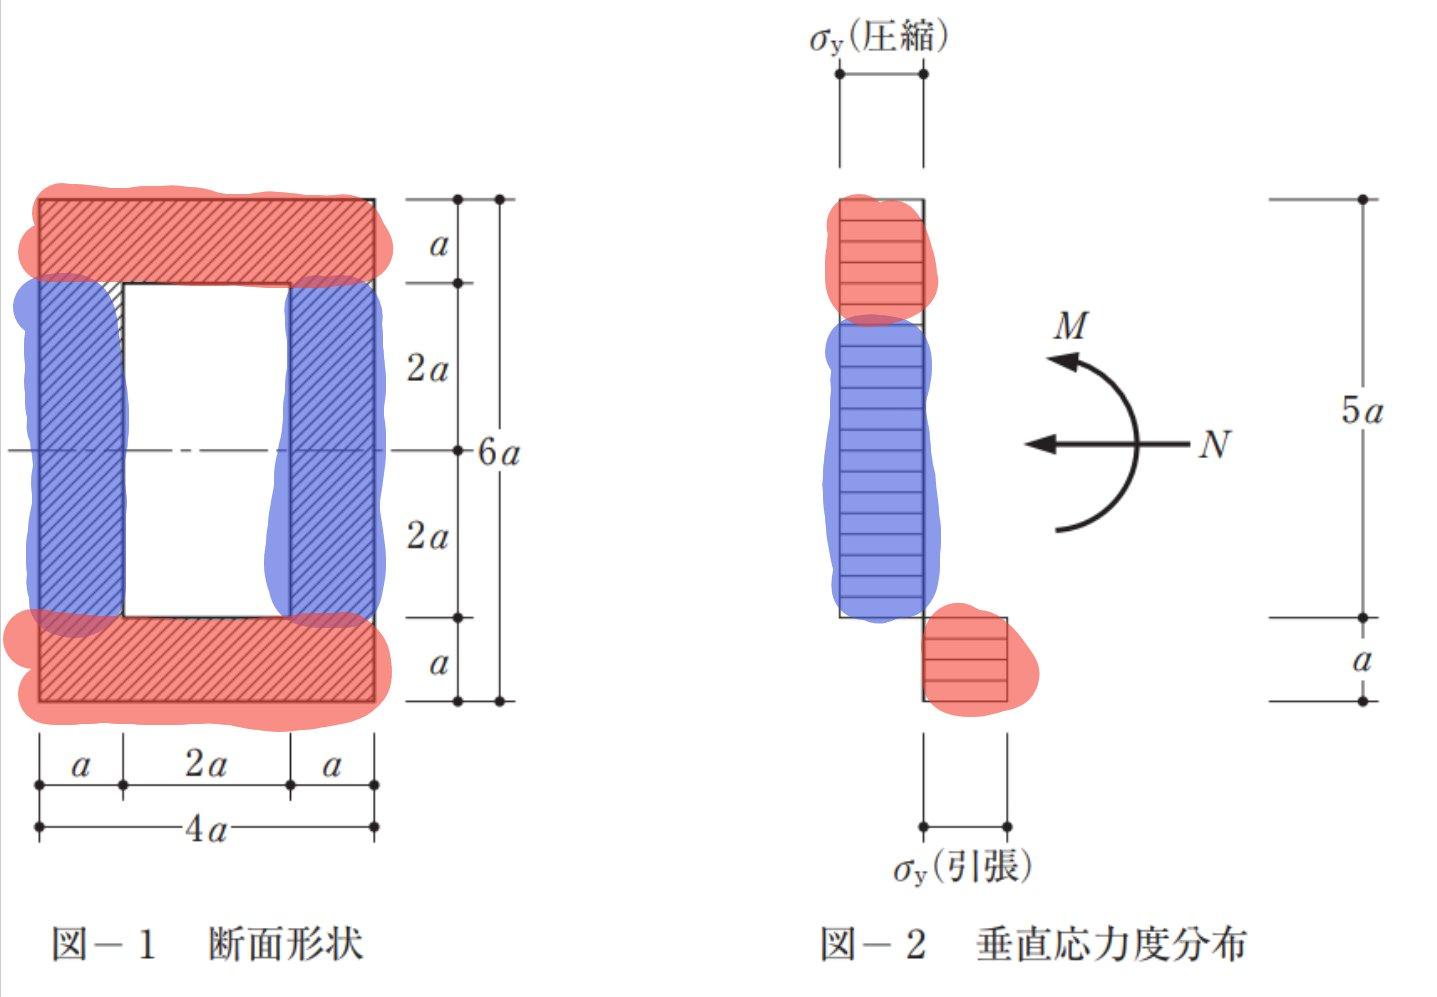 圧縮とモーメントを考慮した弾塑性モーメント図